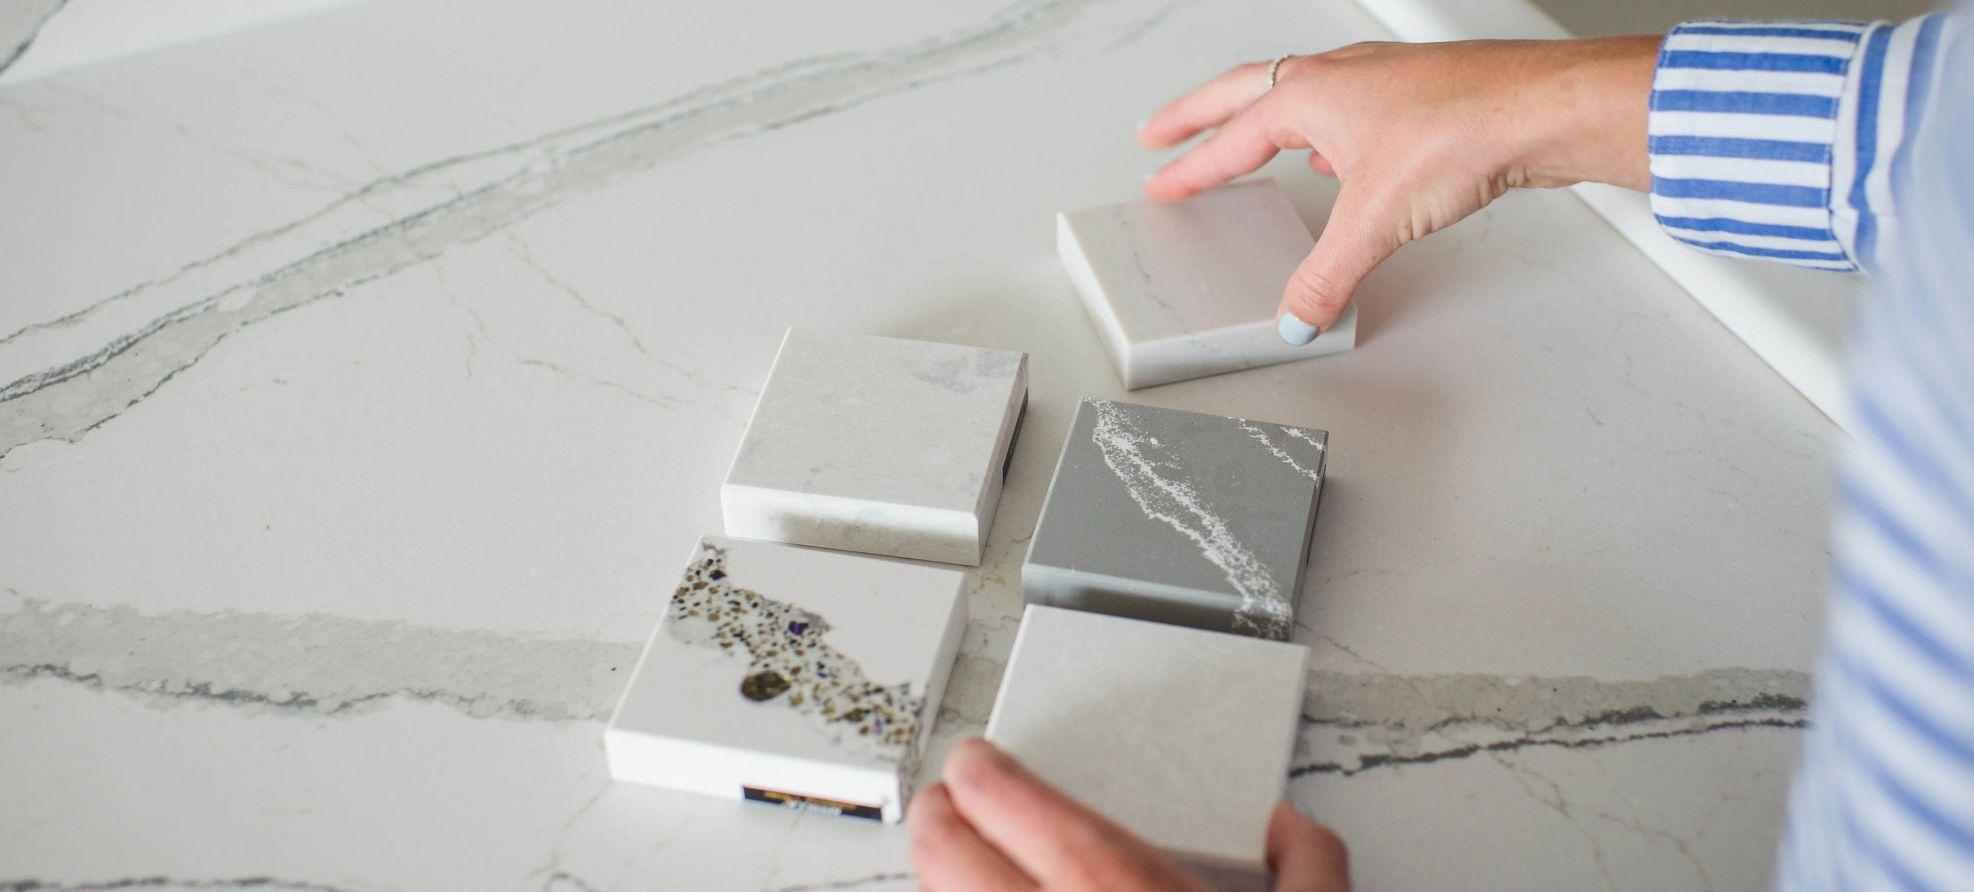 Cambria-quartz-countertops-samples